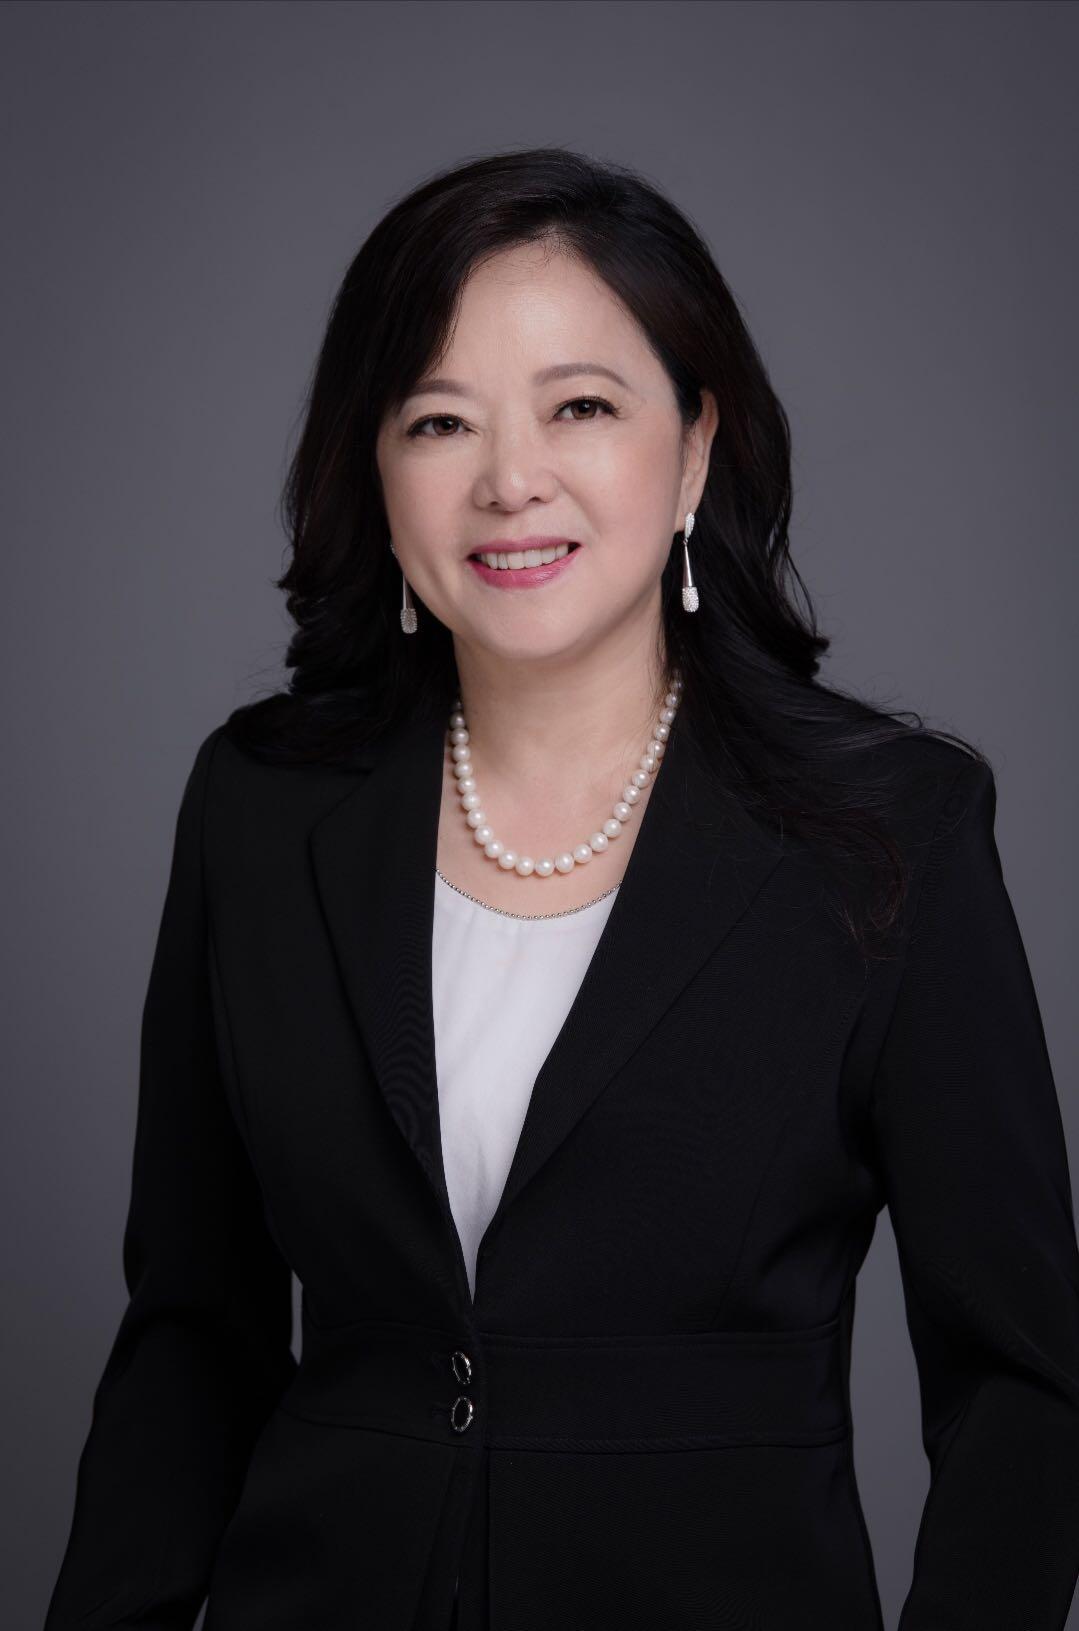 迎战2019年联邦大选的女中豪杰——黄幸来博士